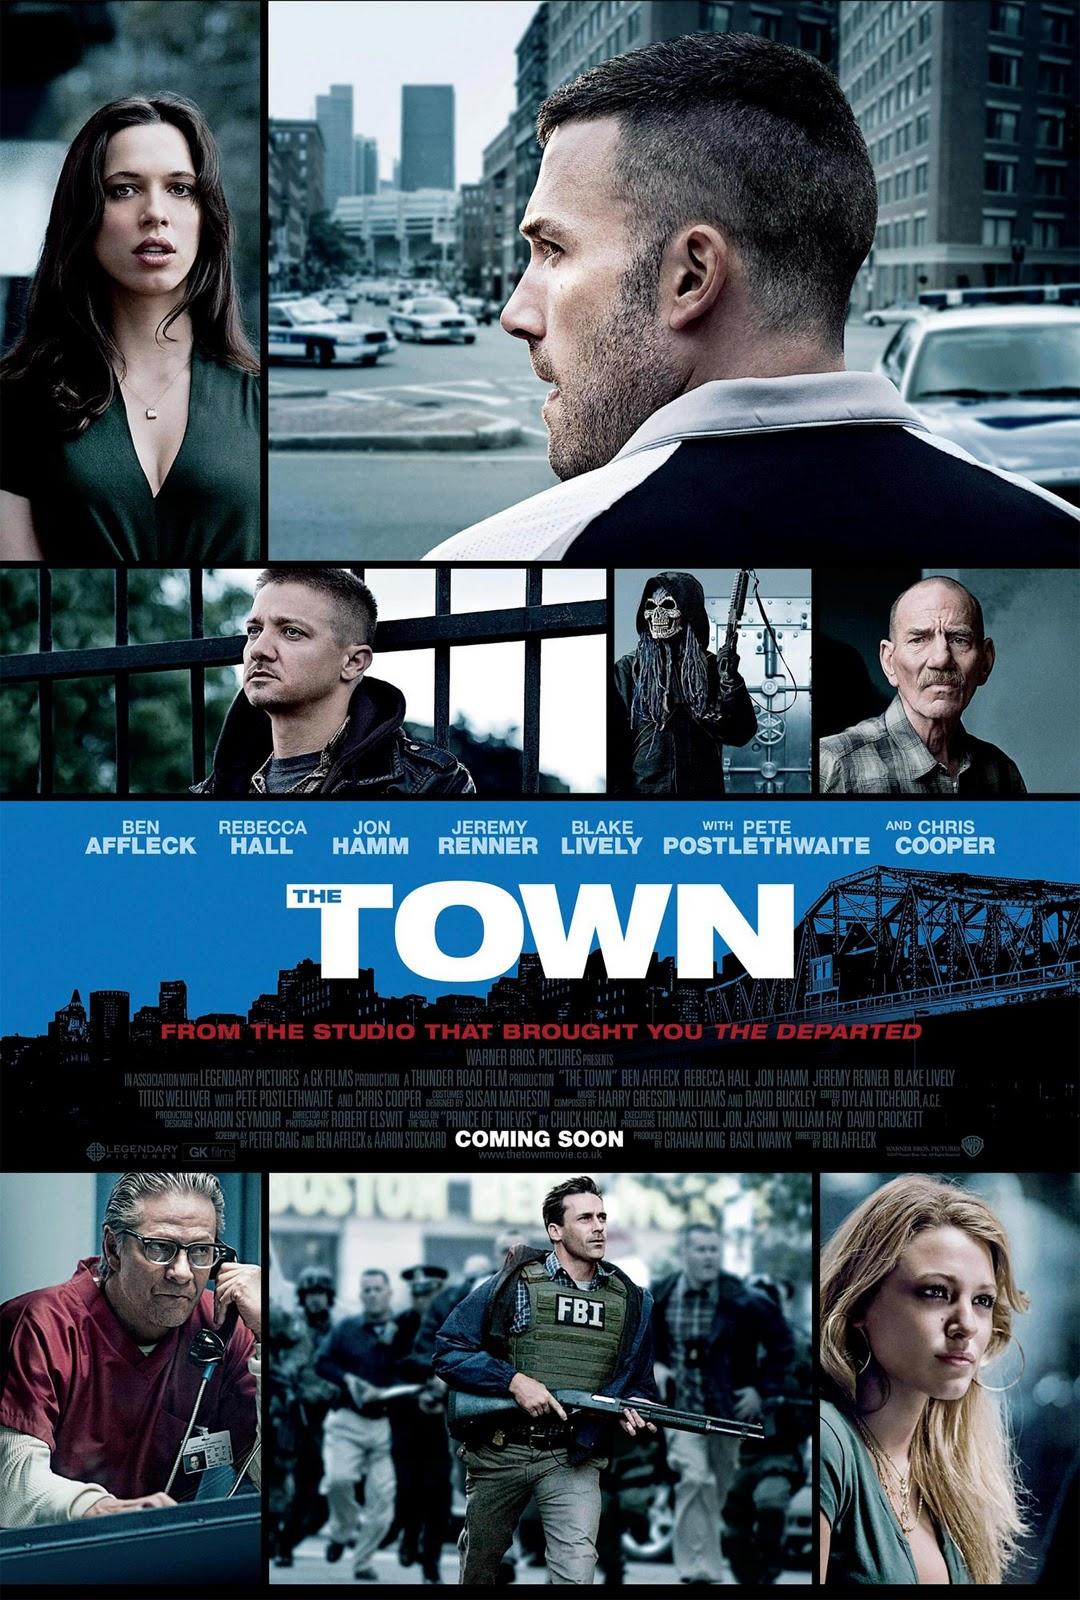 http://3.bp.blogspot.com/_fX2bcJPPTj8/TR9mKCFhHwI/AAAAAAAAVSs/CRGGFXr67VQ/s1600/the_town_poster.jpg